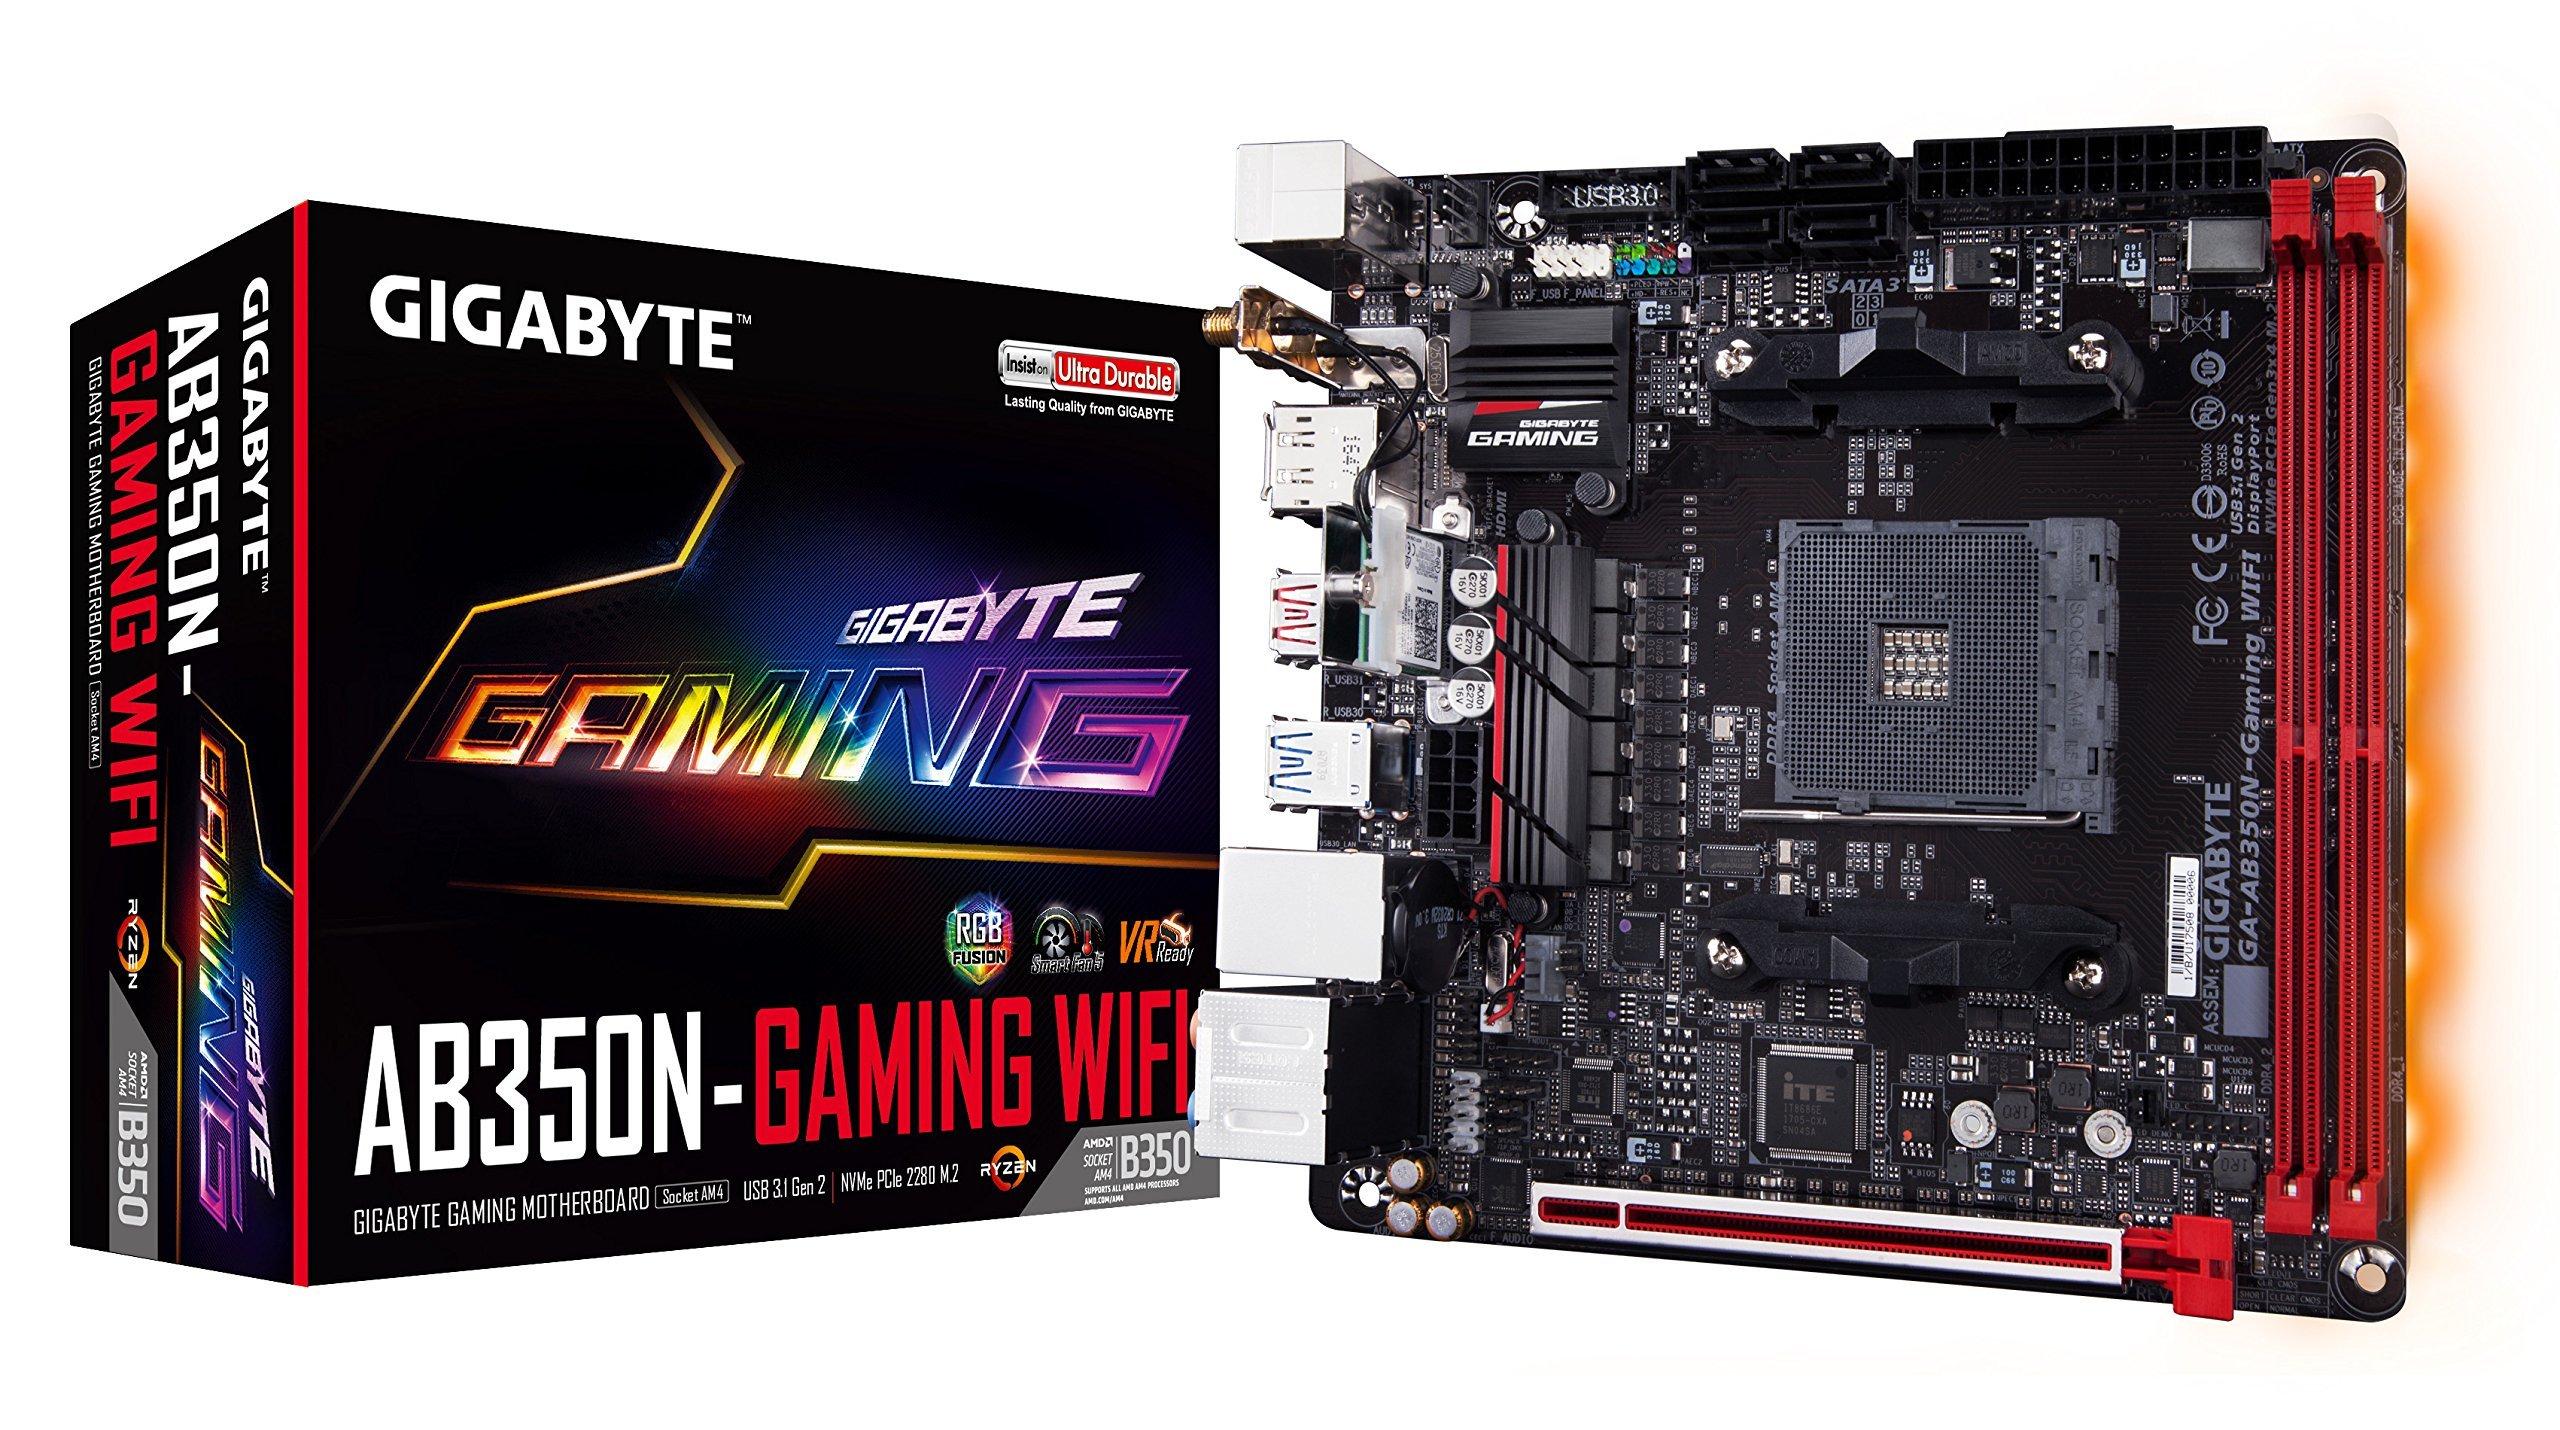 GIGABYTE GA-AB350N-Gaming WIFI (AMD/Ryzen AM4/B350/RGB Fusion/HDMI/DP/M.2/SATA/USB 3.1 Type-A/Wifi/Mini ITX/DDR4 Motherboard) (Certified Refurbished) by Gigabyte